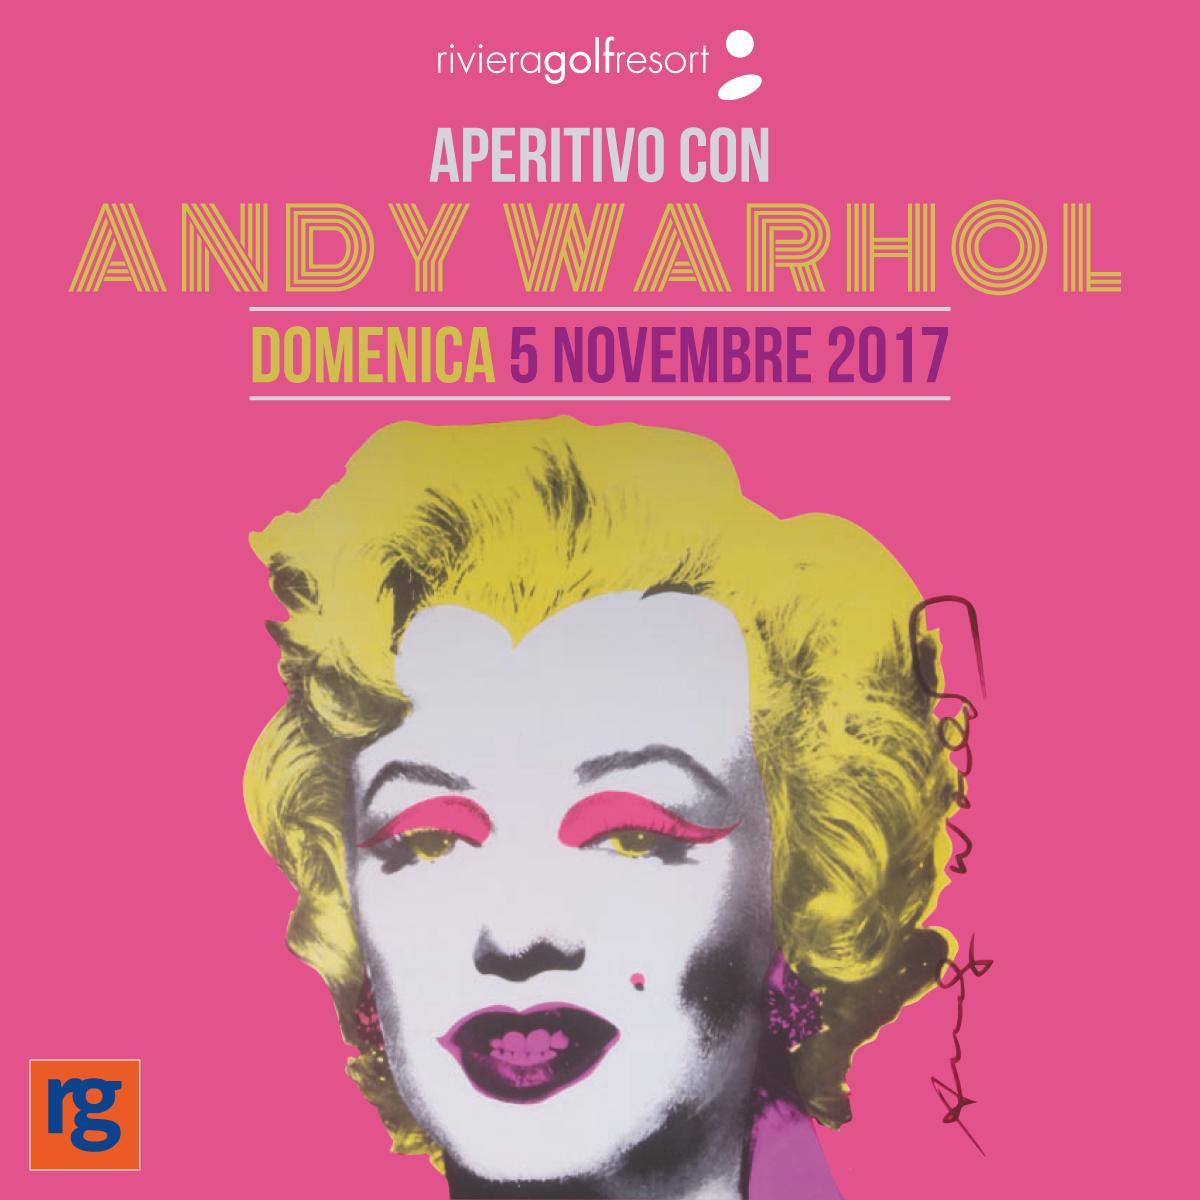 Aperitivo con Andy Warhol